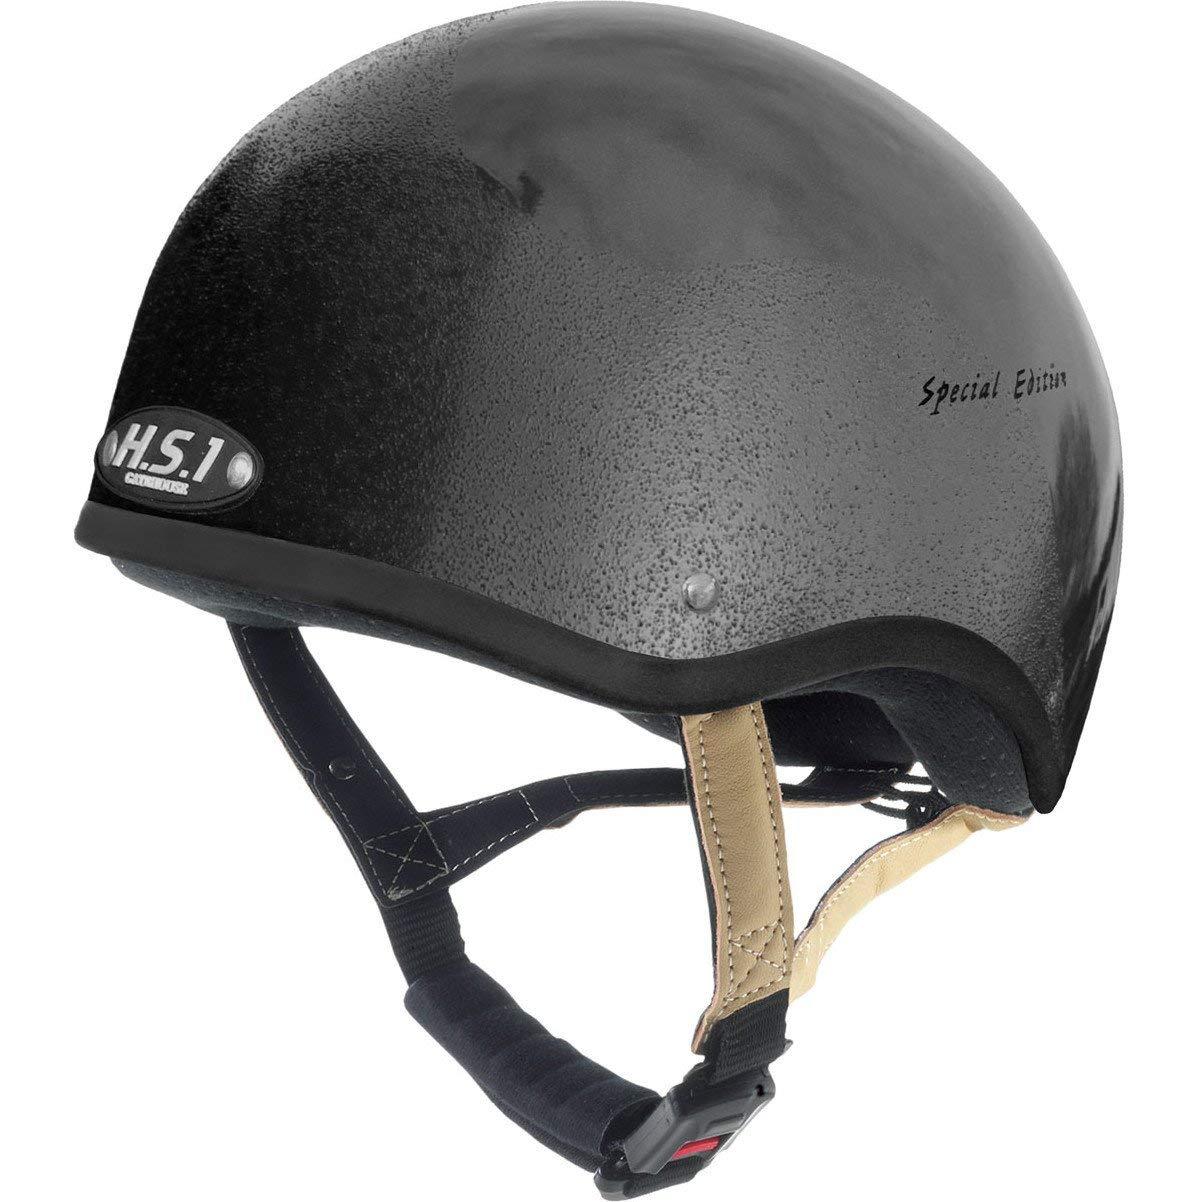 Gatehouse HS1 Jockey Skull 4 Black Special Edition